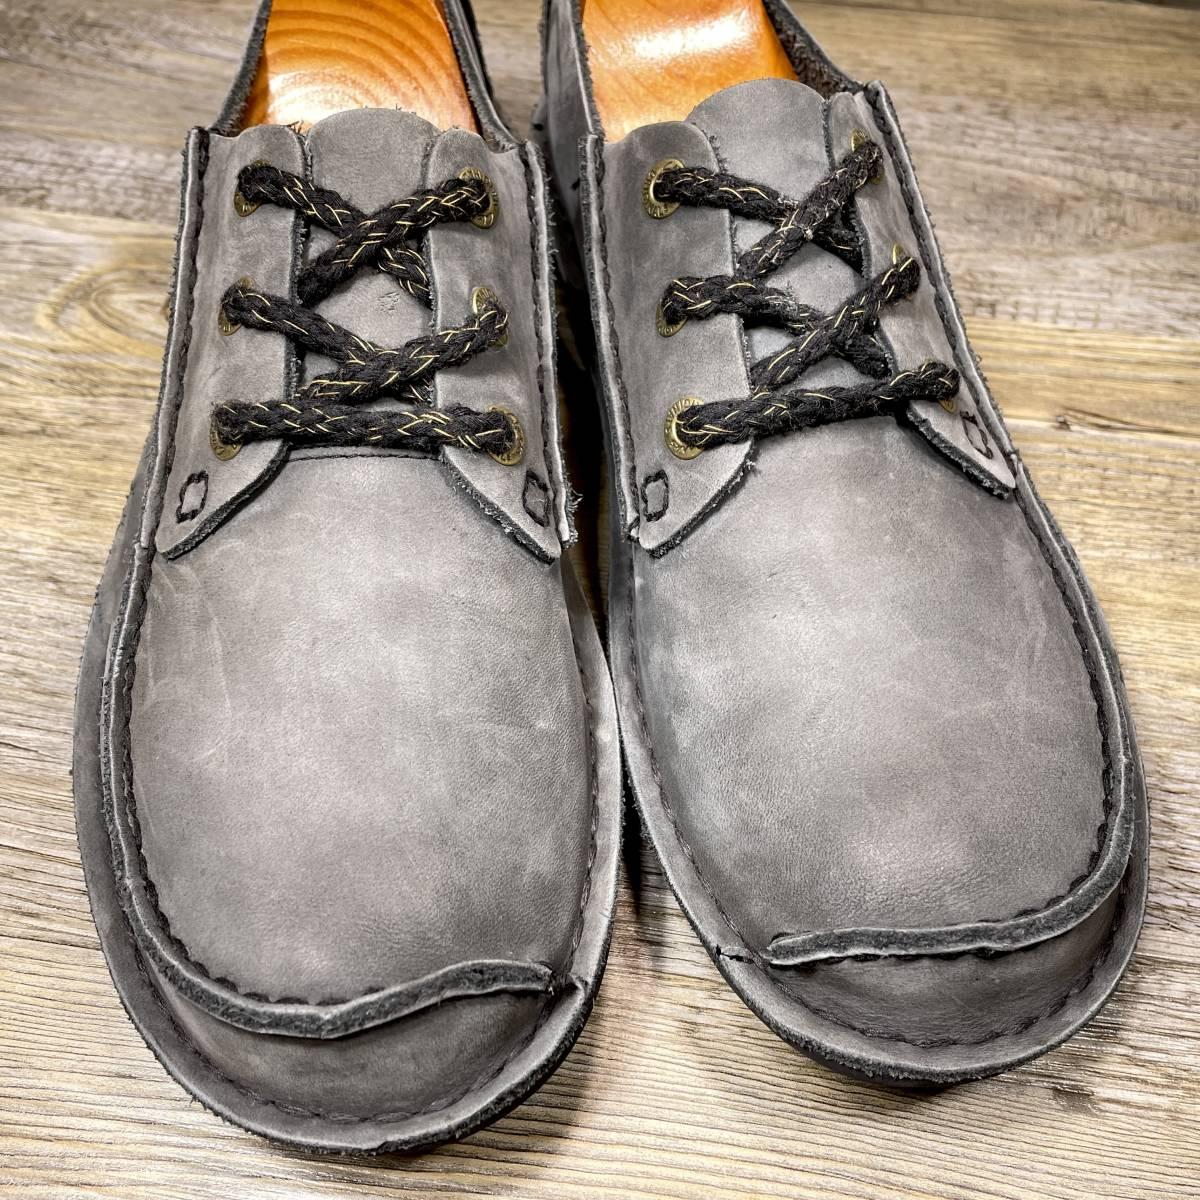 ■Clarks■ 25.5cm UK7 クラークス レザーシューズ モカシン メンズ 靴 革靴 天然皮革 くつ 中古 宅急便 即決_画像4